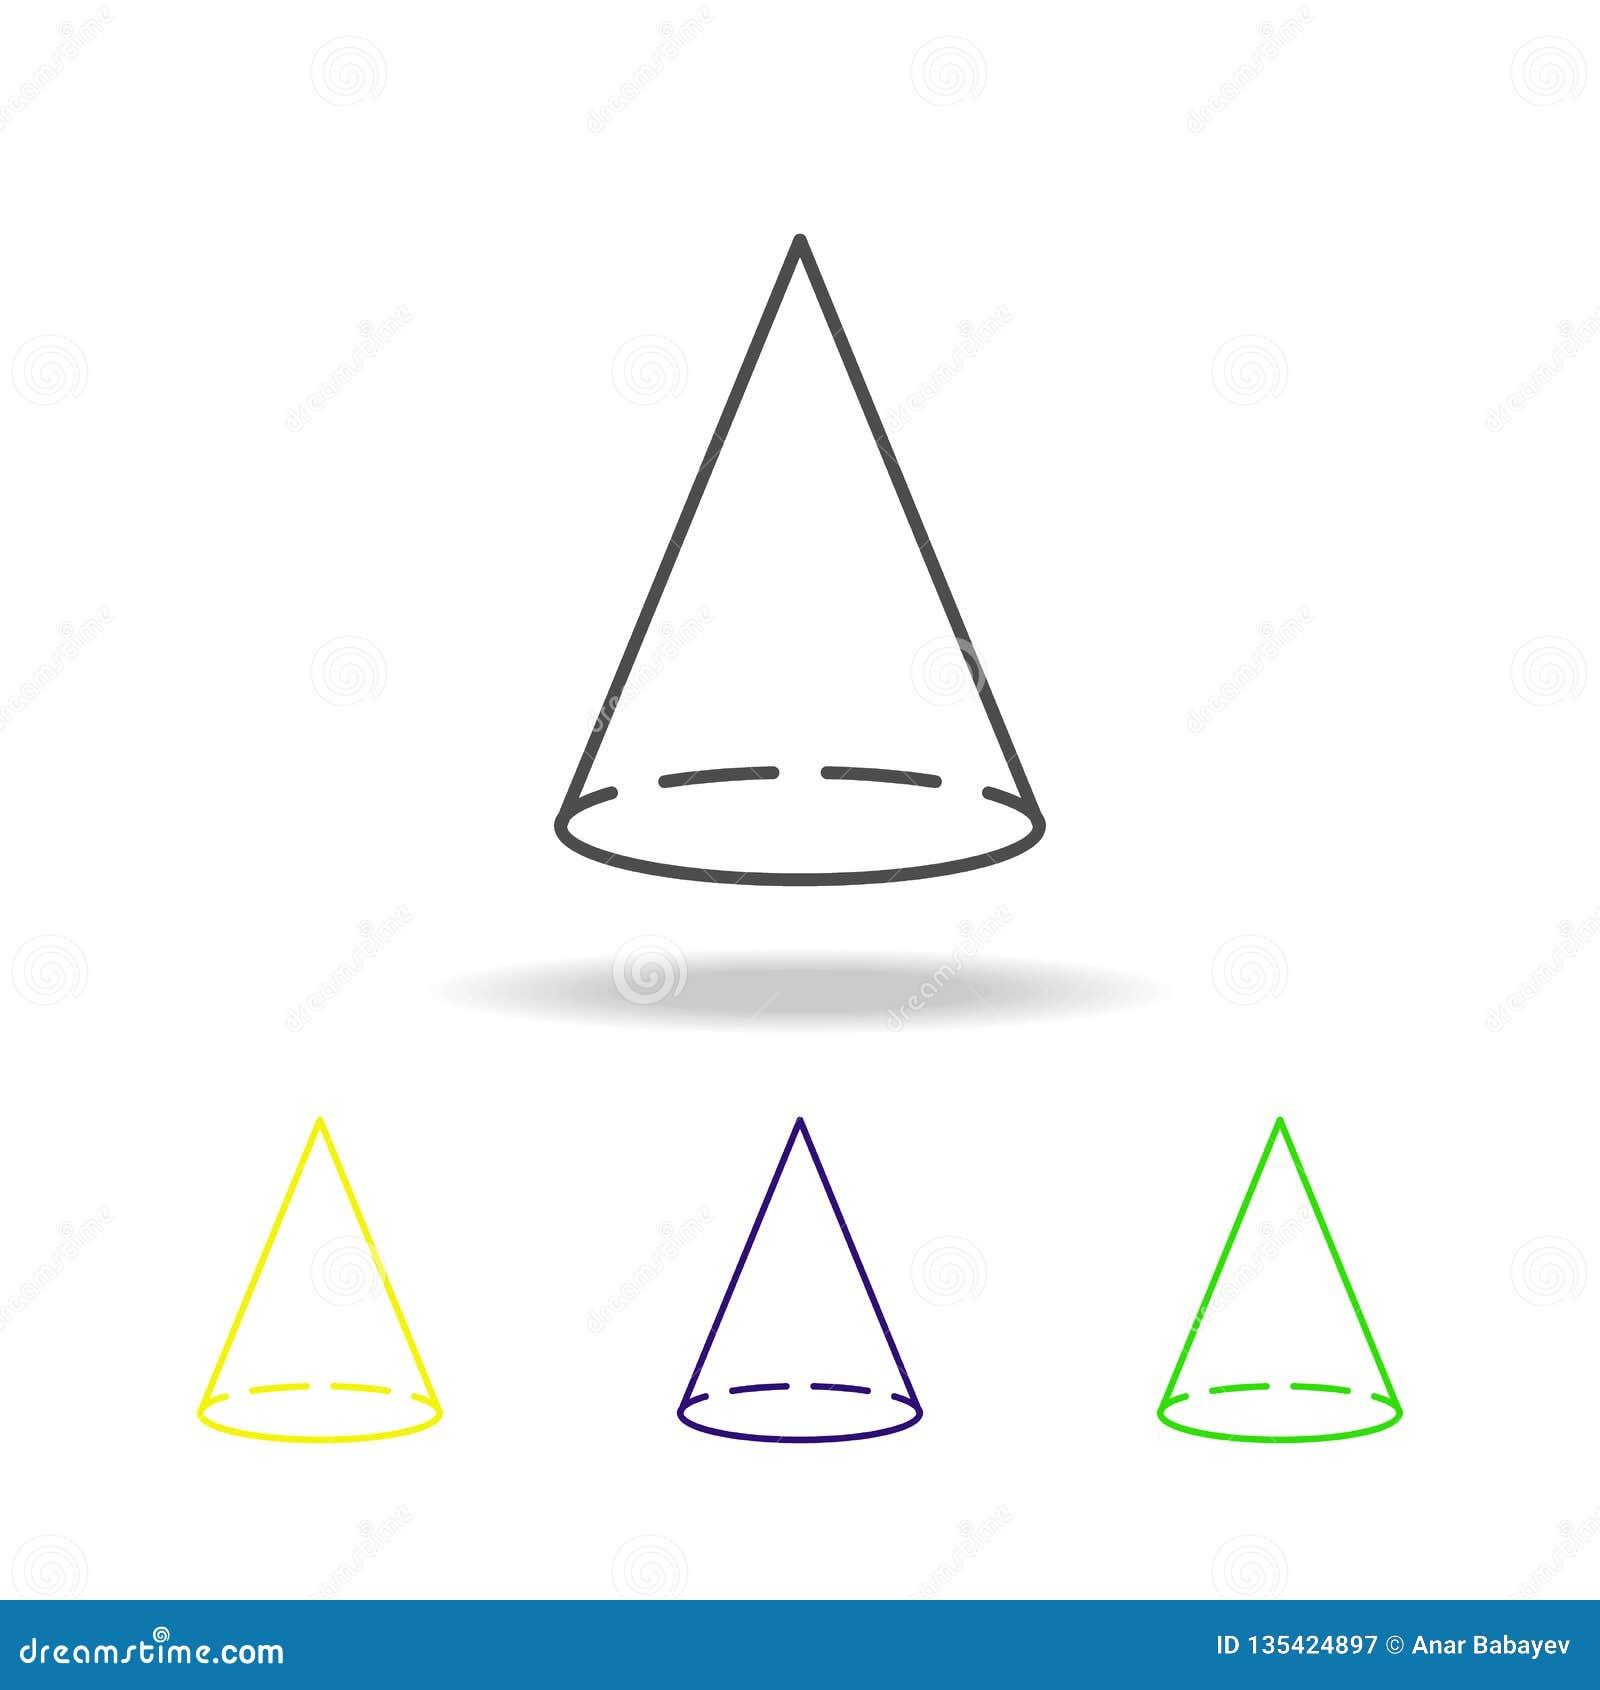 Icono Coloreado Cono Puede Ser Utilizado Para La Web